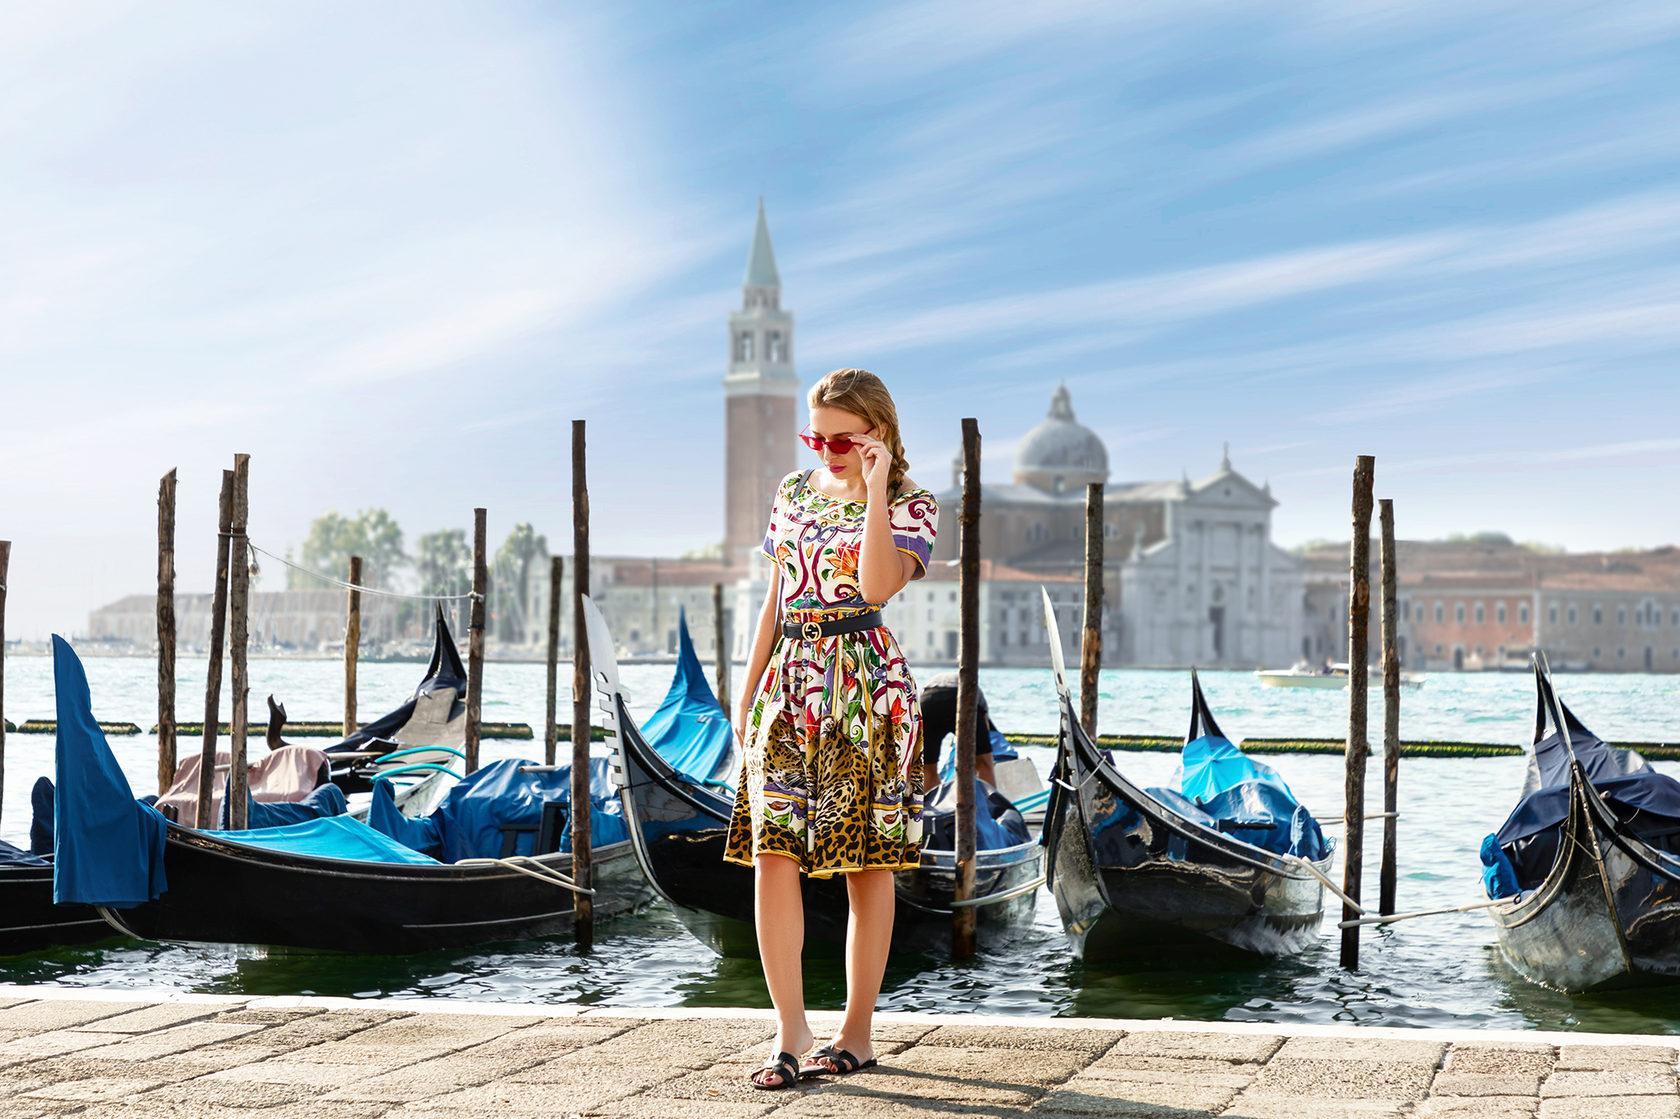 прогулка с профессиональным фотографом в венеции интересно знать решили